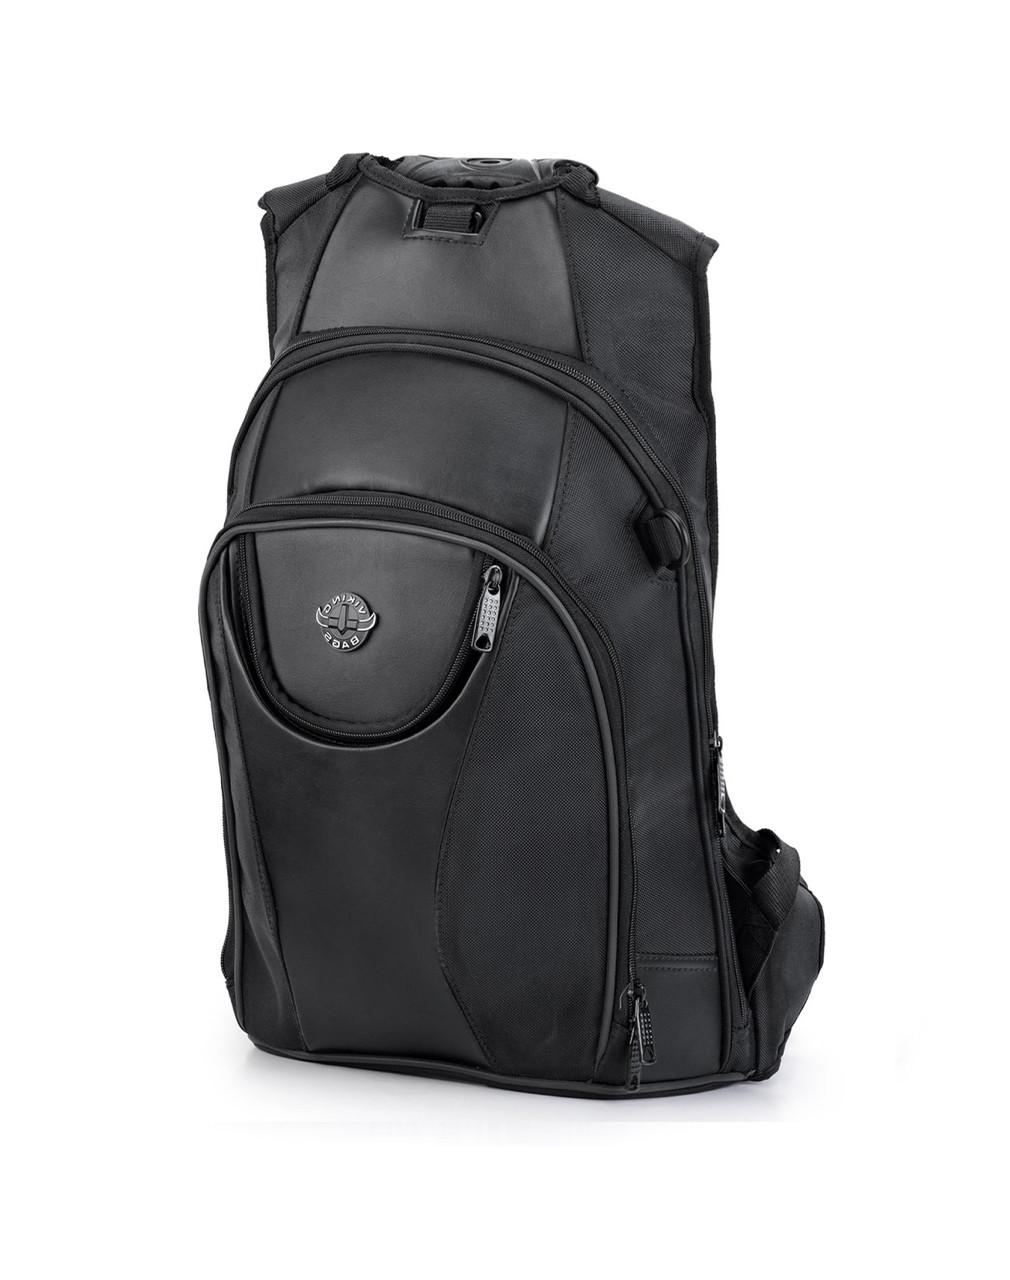 Suzuki Viking Motorcycle Large Backpack Main Bag View